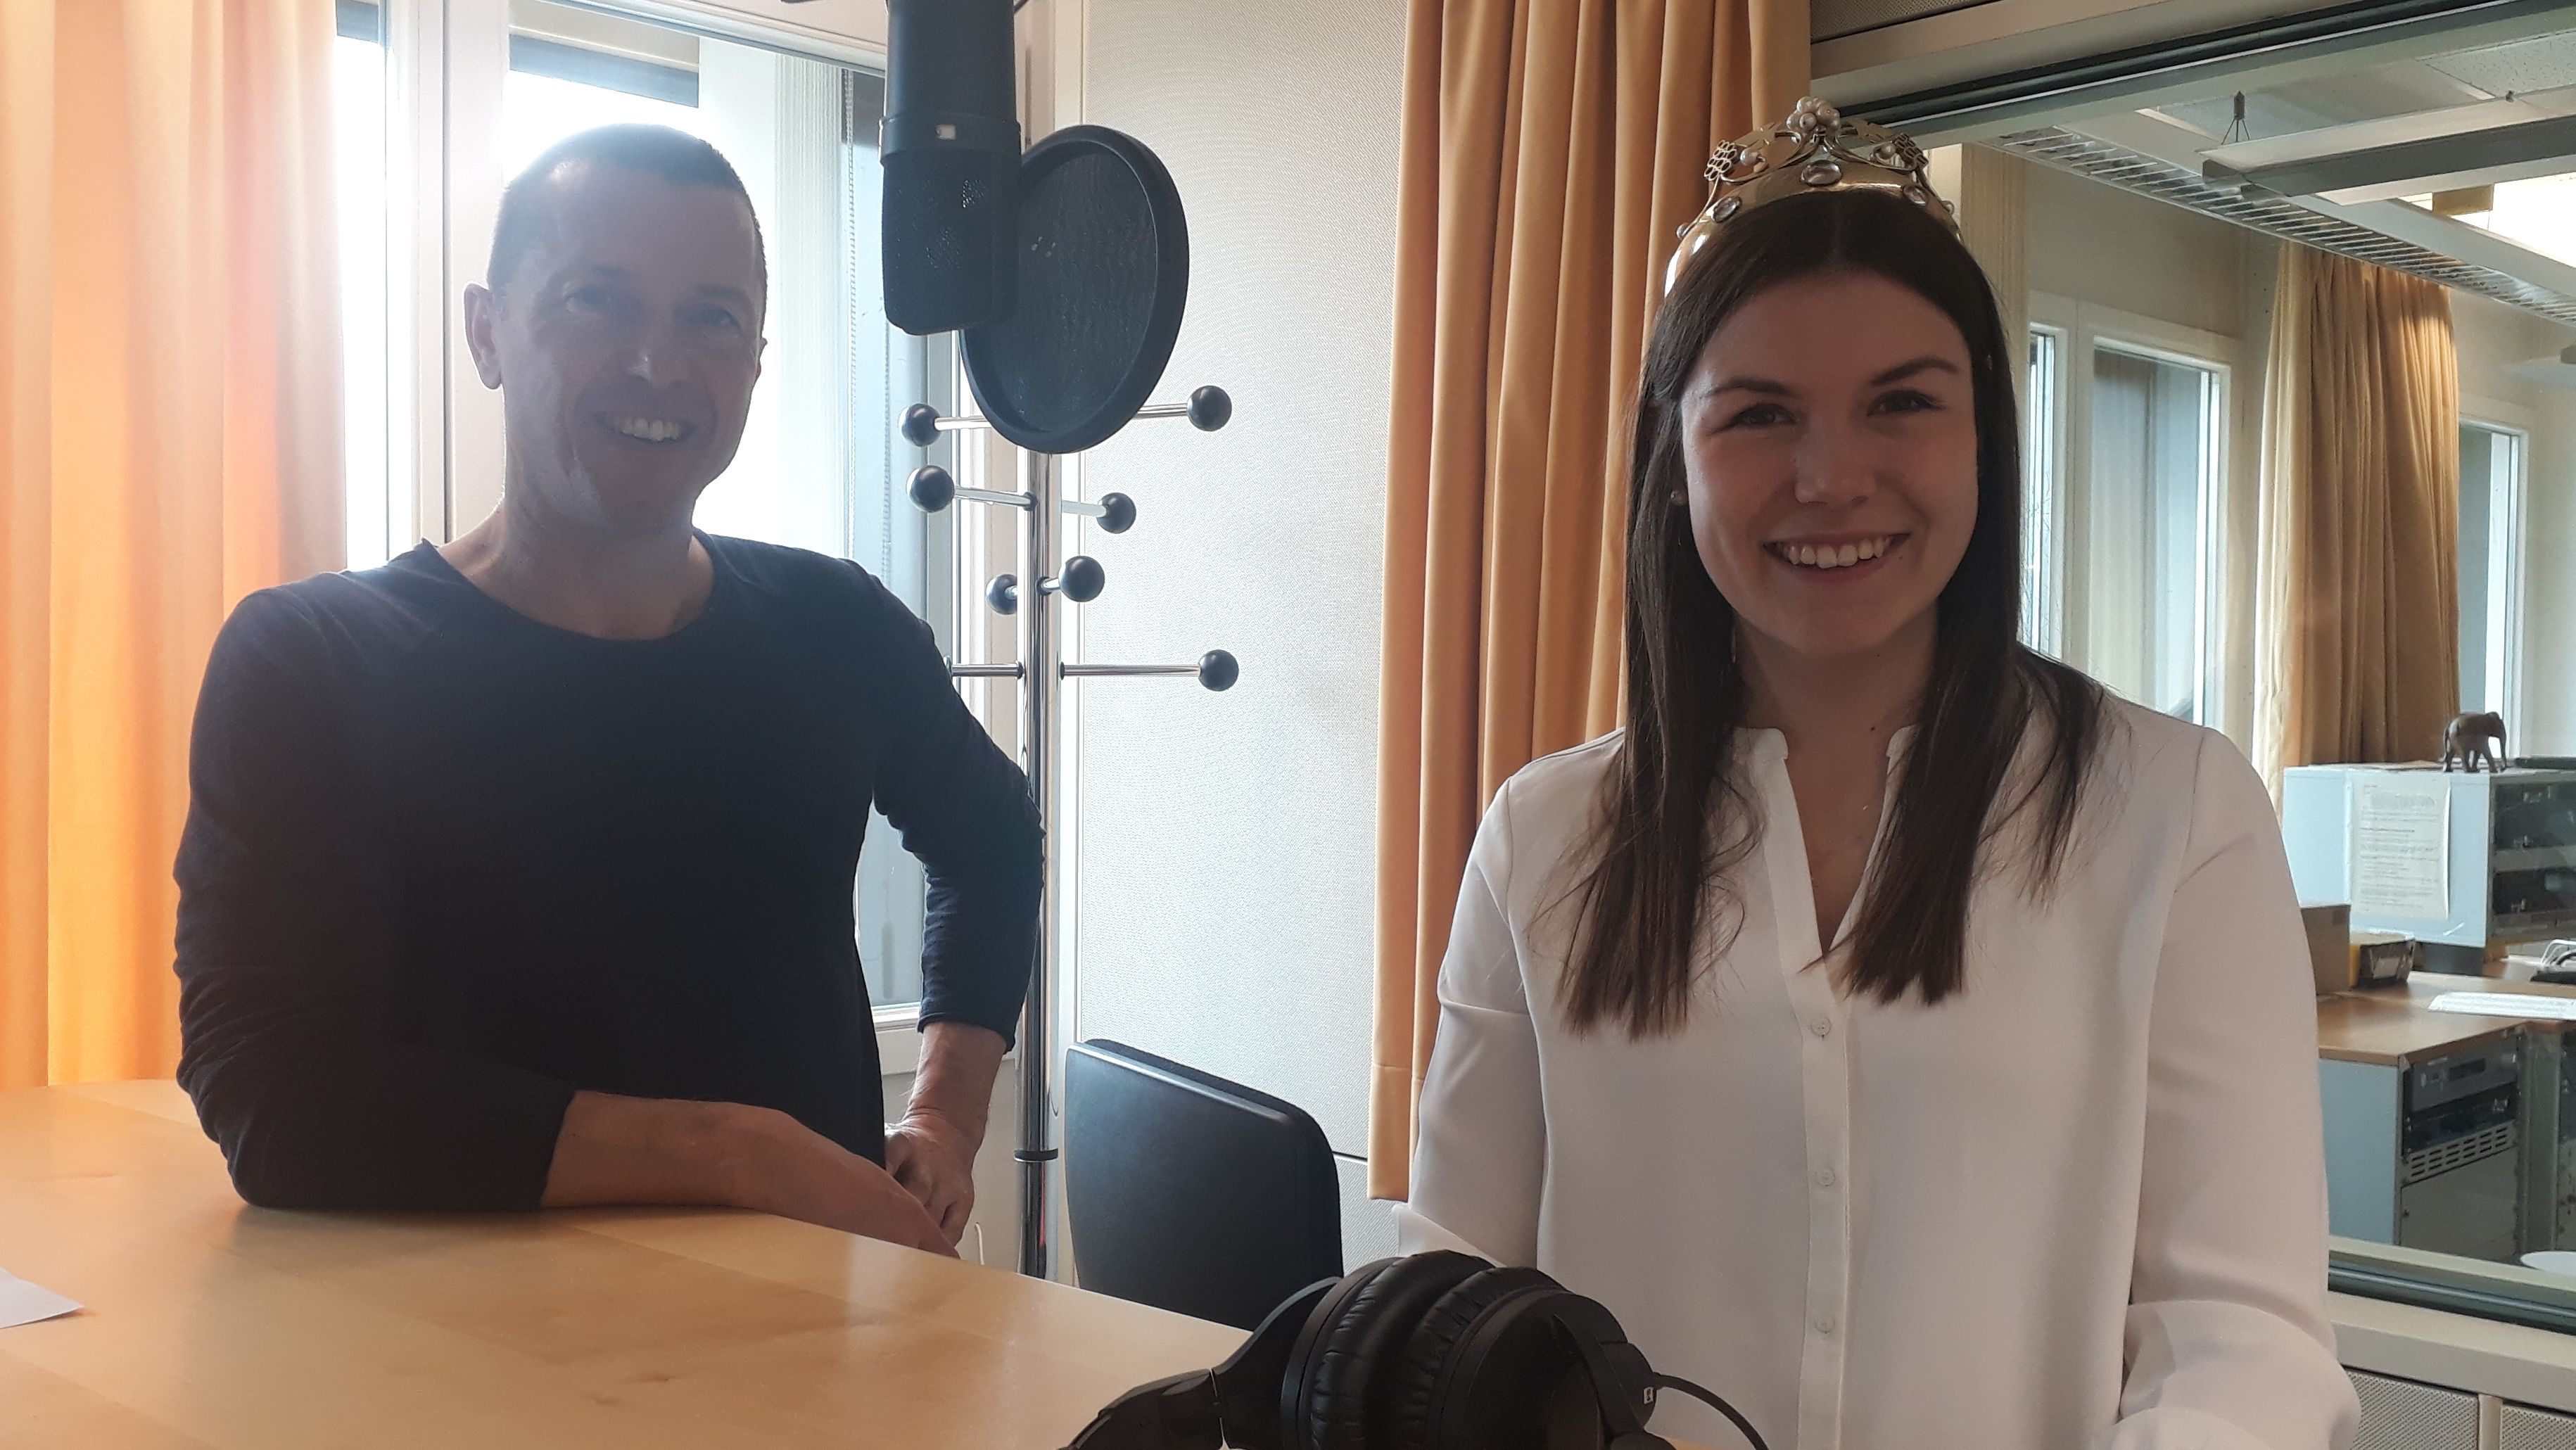 Die fränkische Weinkönigin Carolin Meyer im Gespräch mit Bayern 1 Moderator Jürgen Gläser